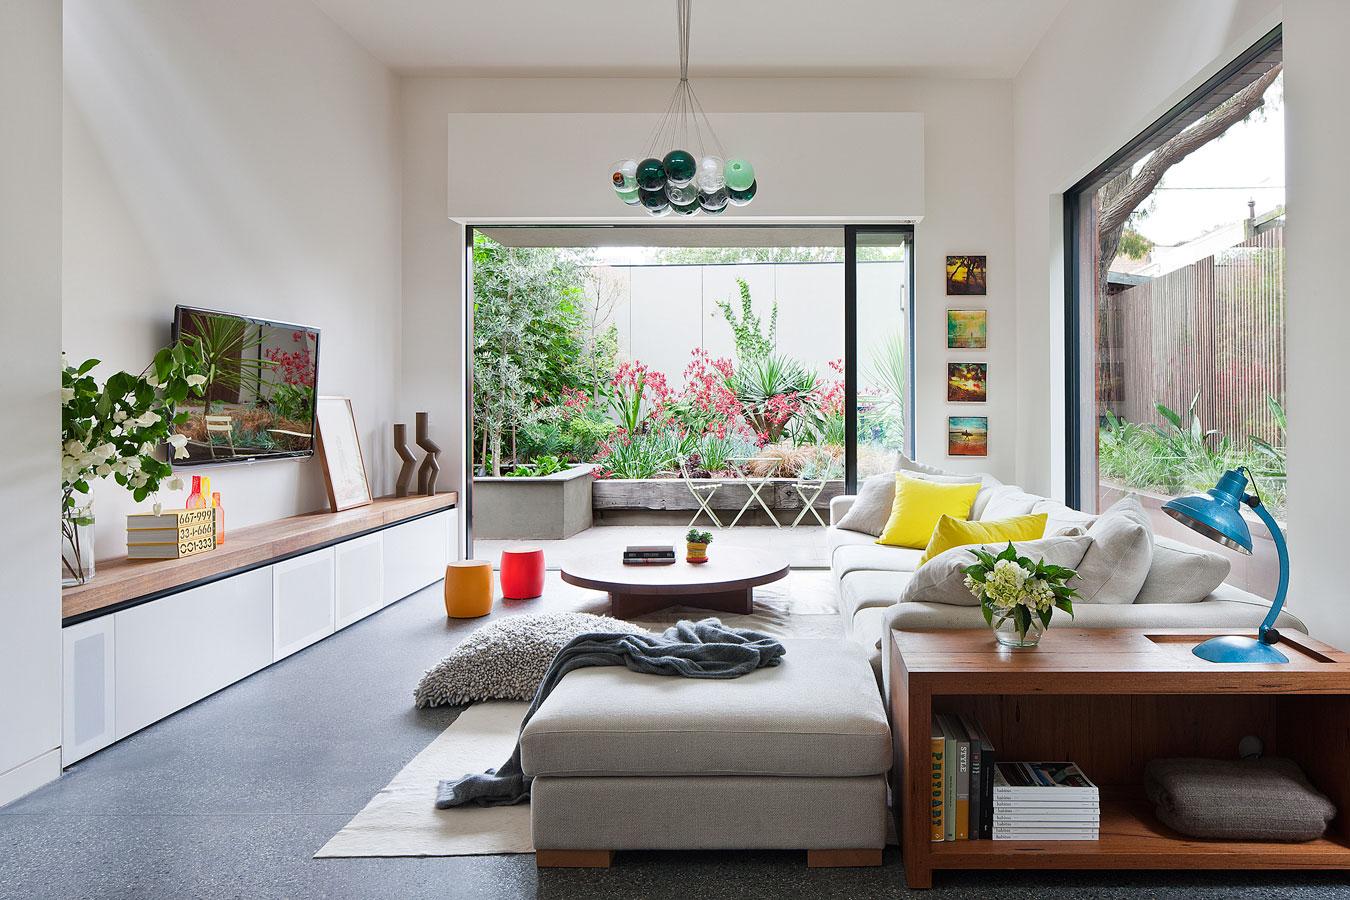 Wedo thiết kế phòng khách đơn giản và đẹp